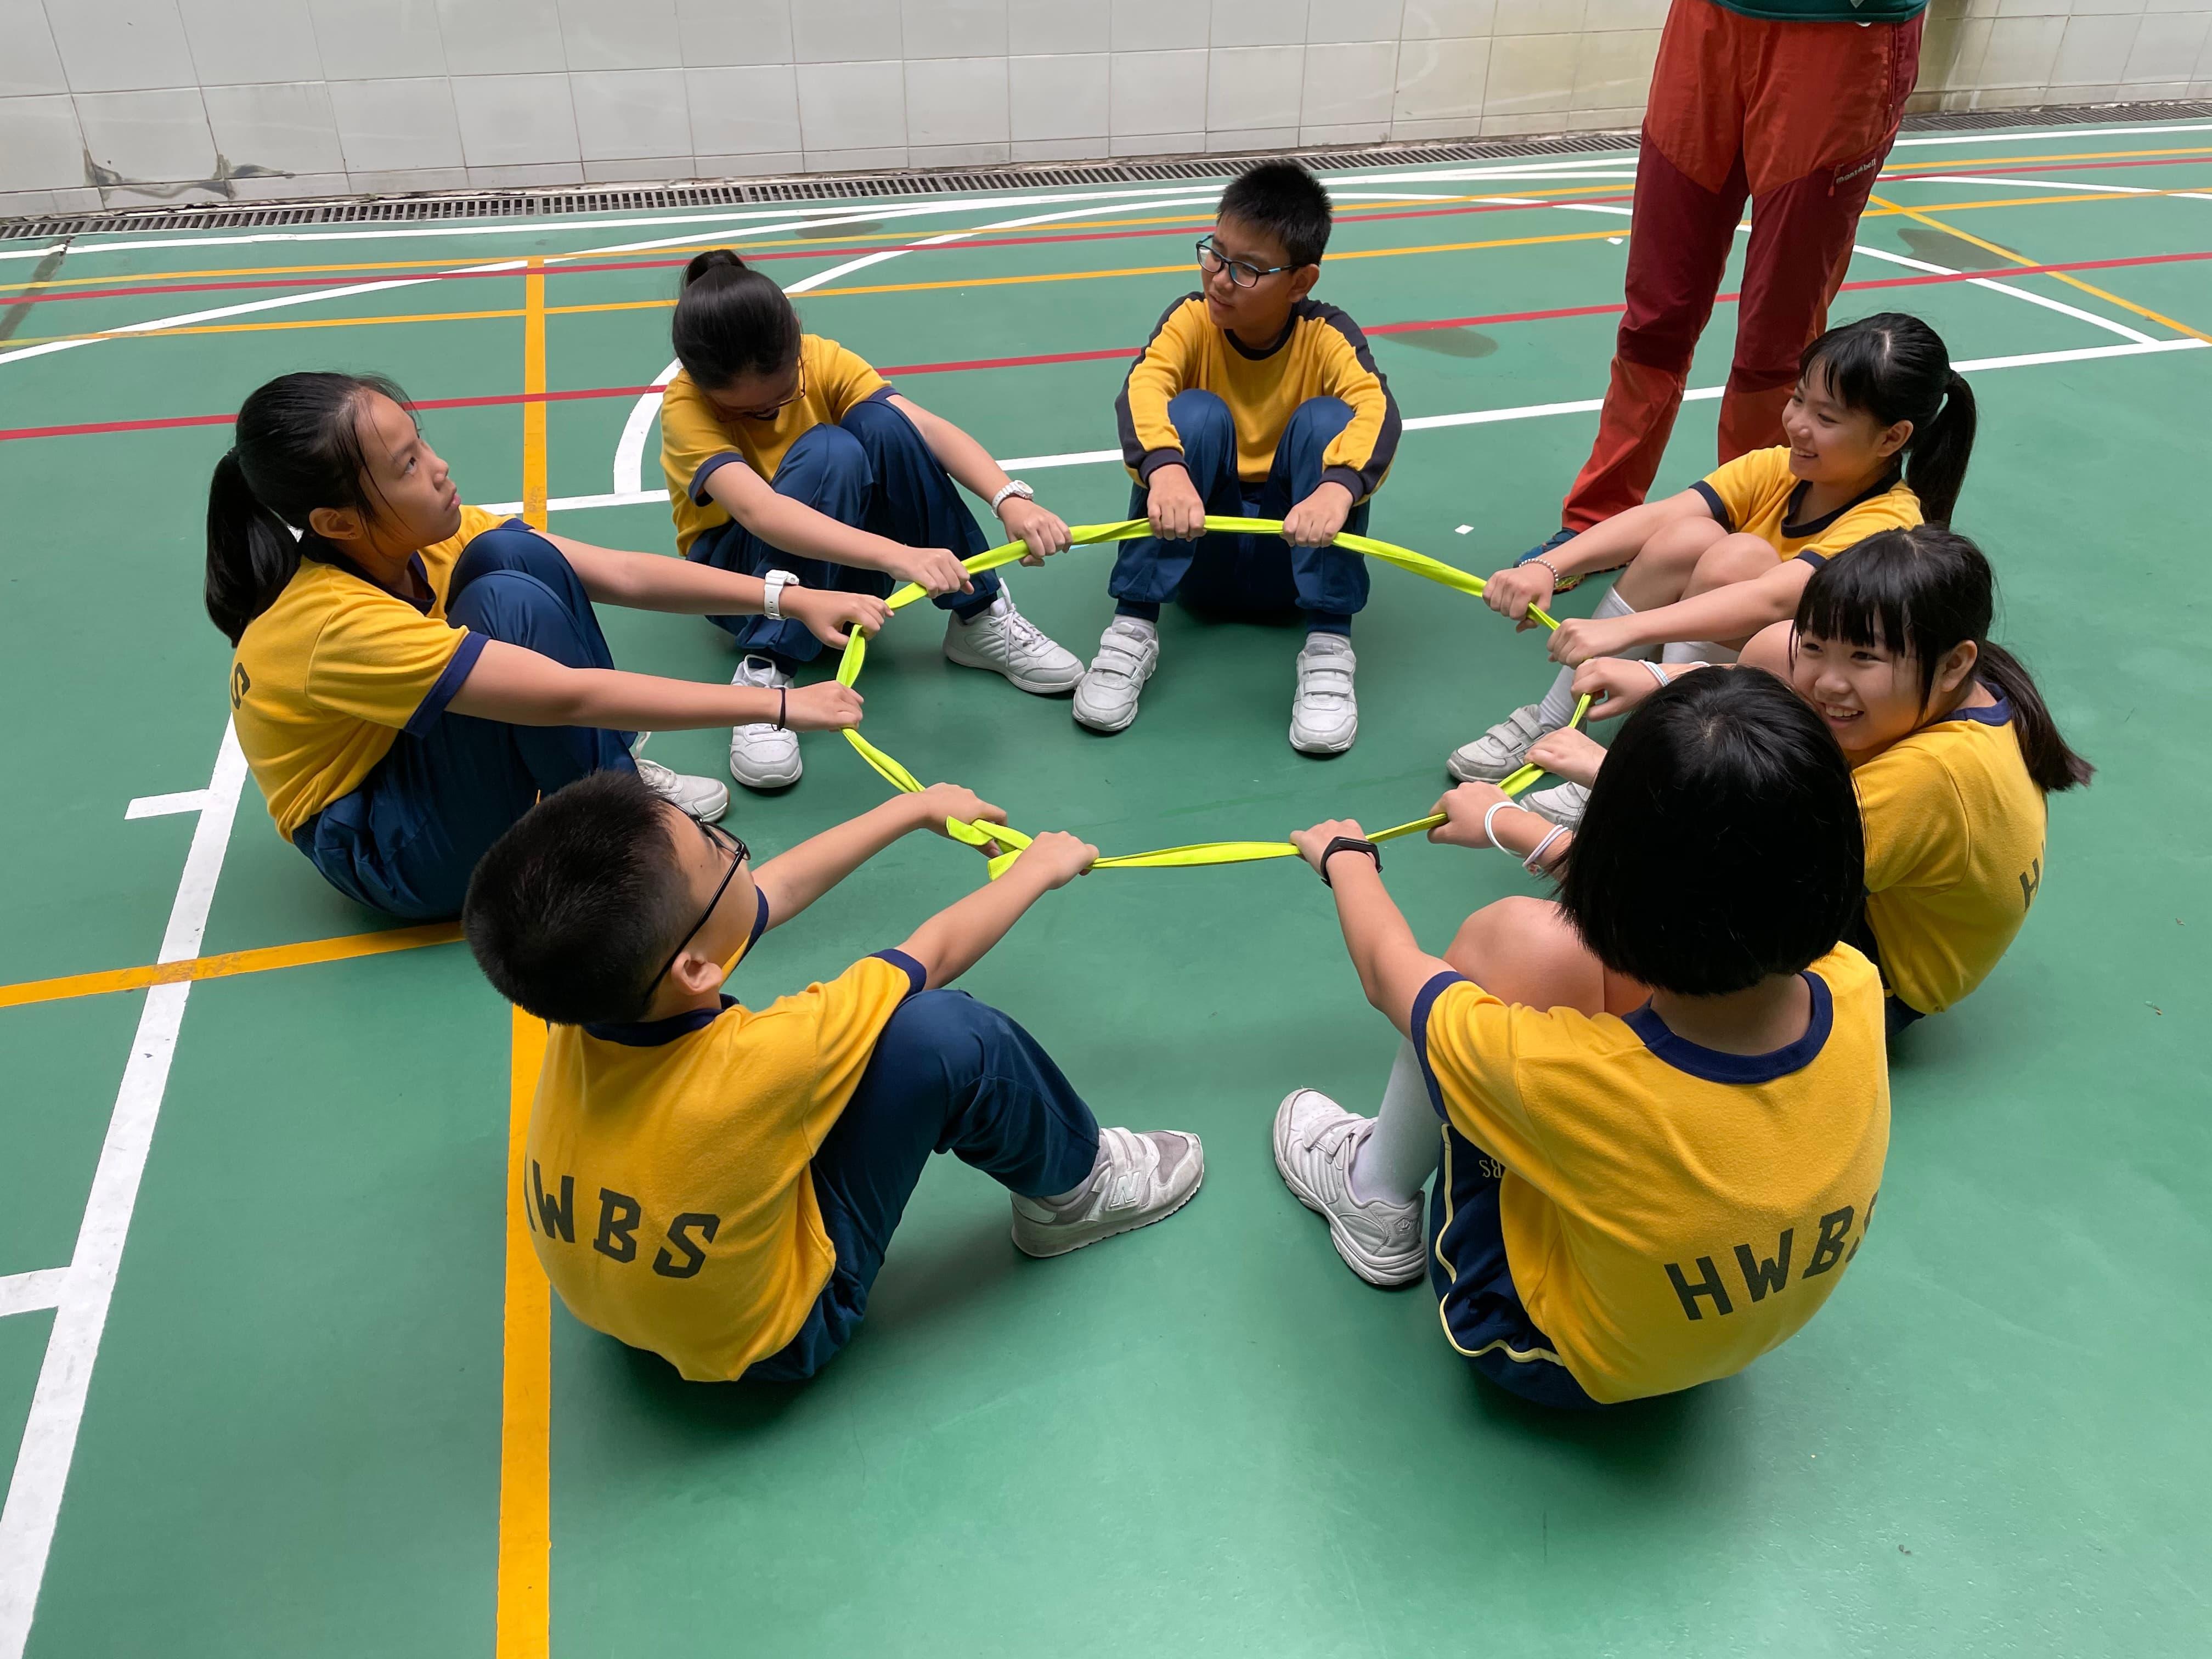 「學校輔導服務」-「義想TEEN晴」義工小組